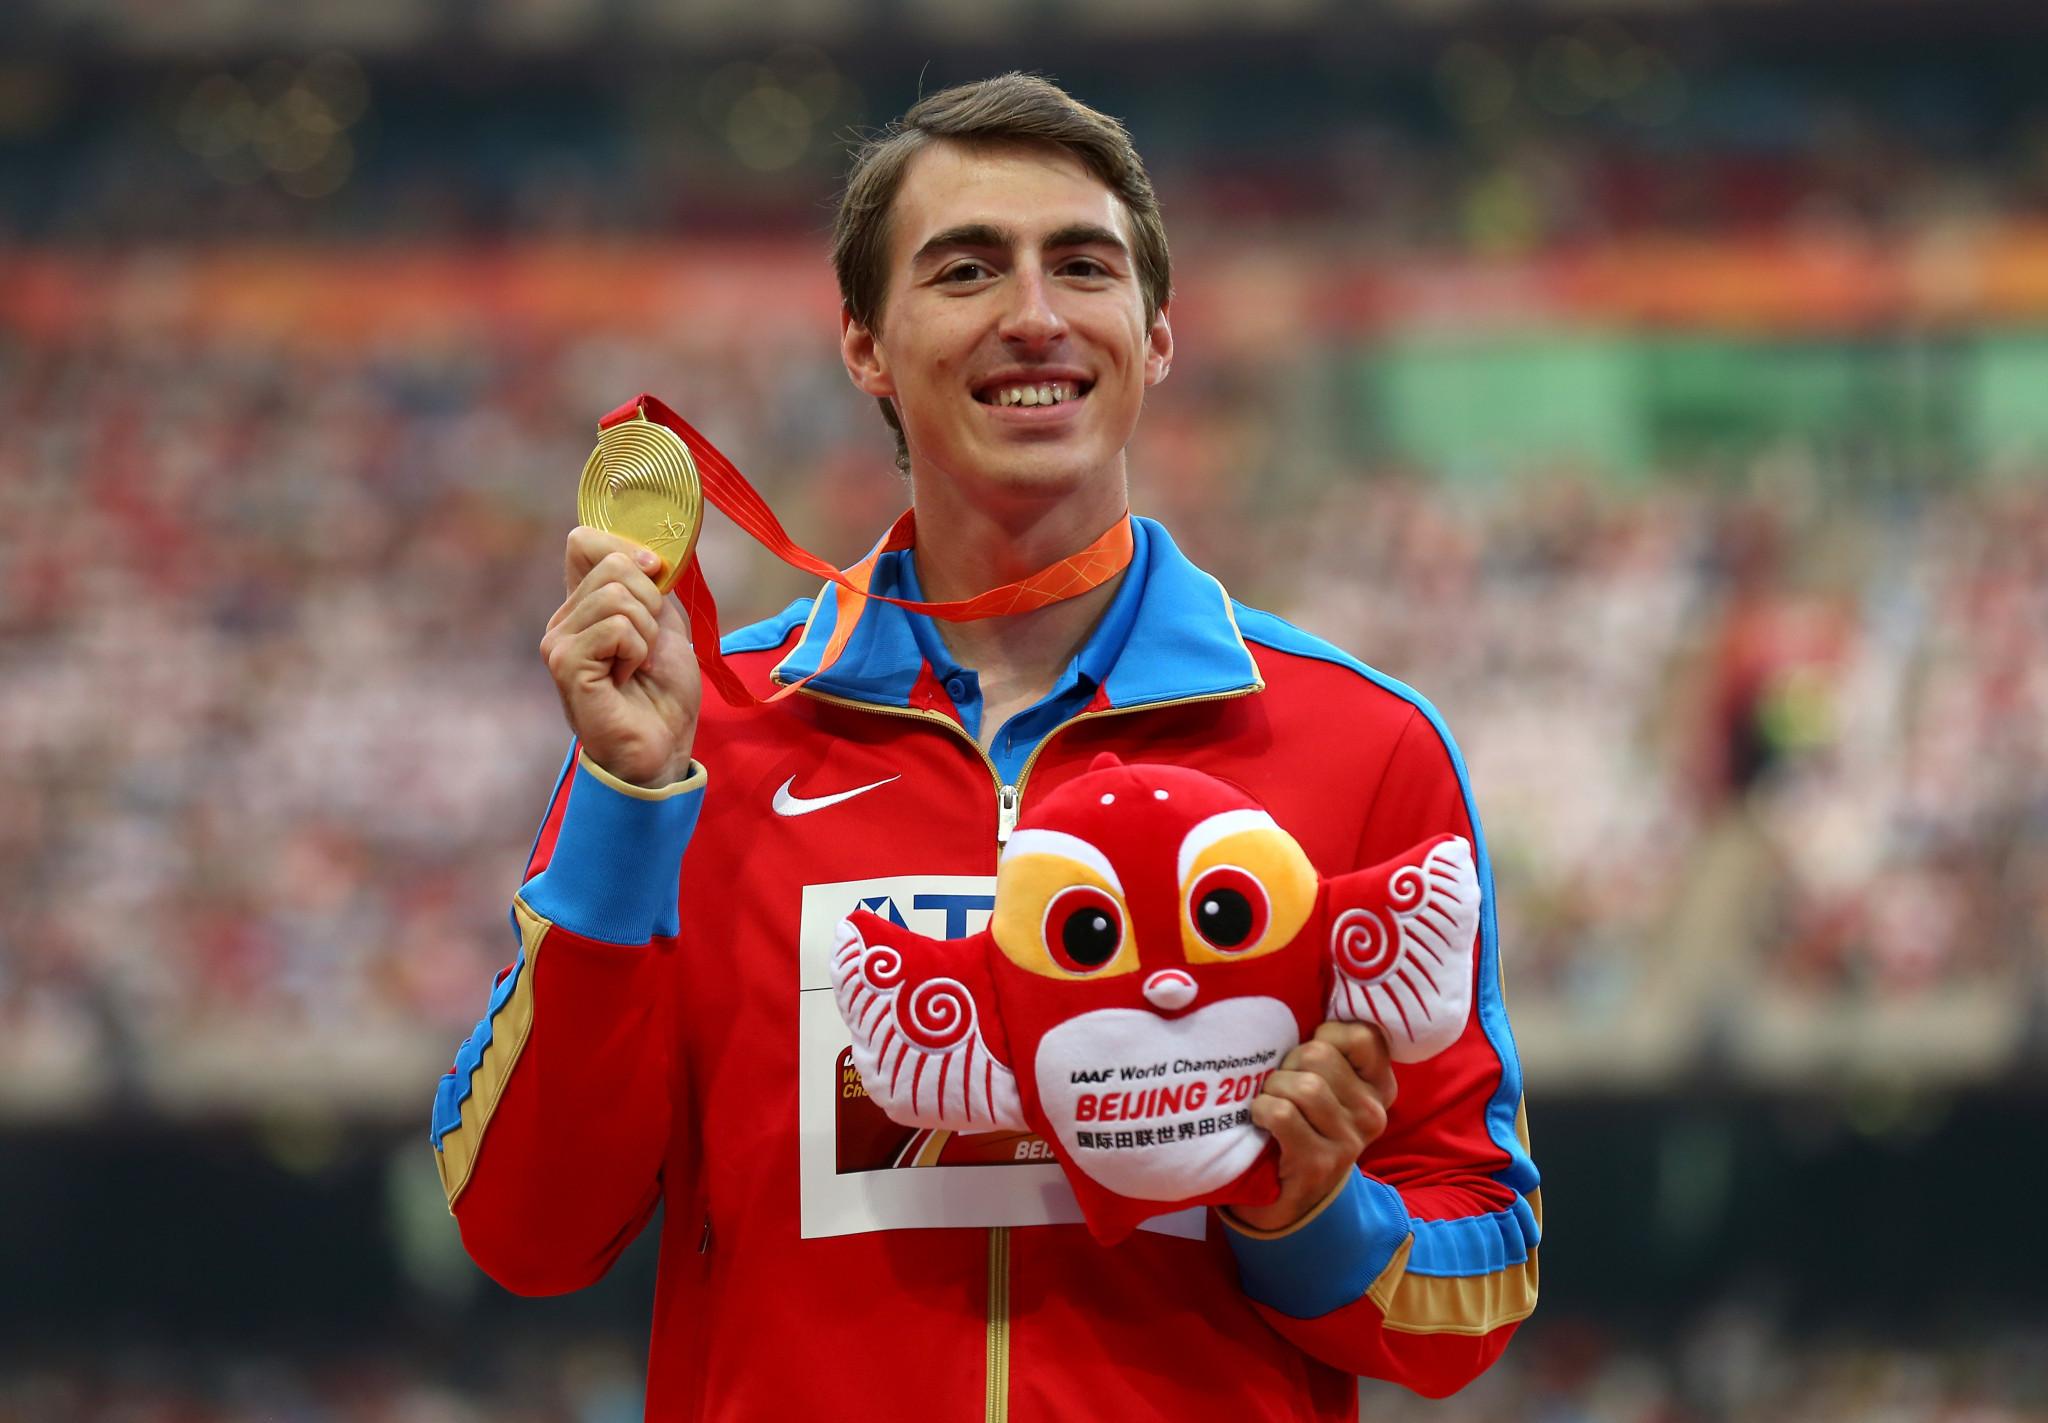 Сергей Шубенков выиграл золотую медаль в беге на 110 метров с барьерами на чемпионате мира 2015 года в Пекине © Getty Images